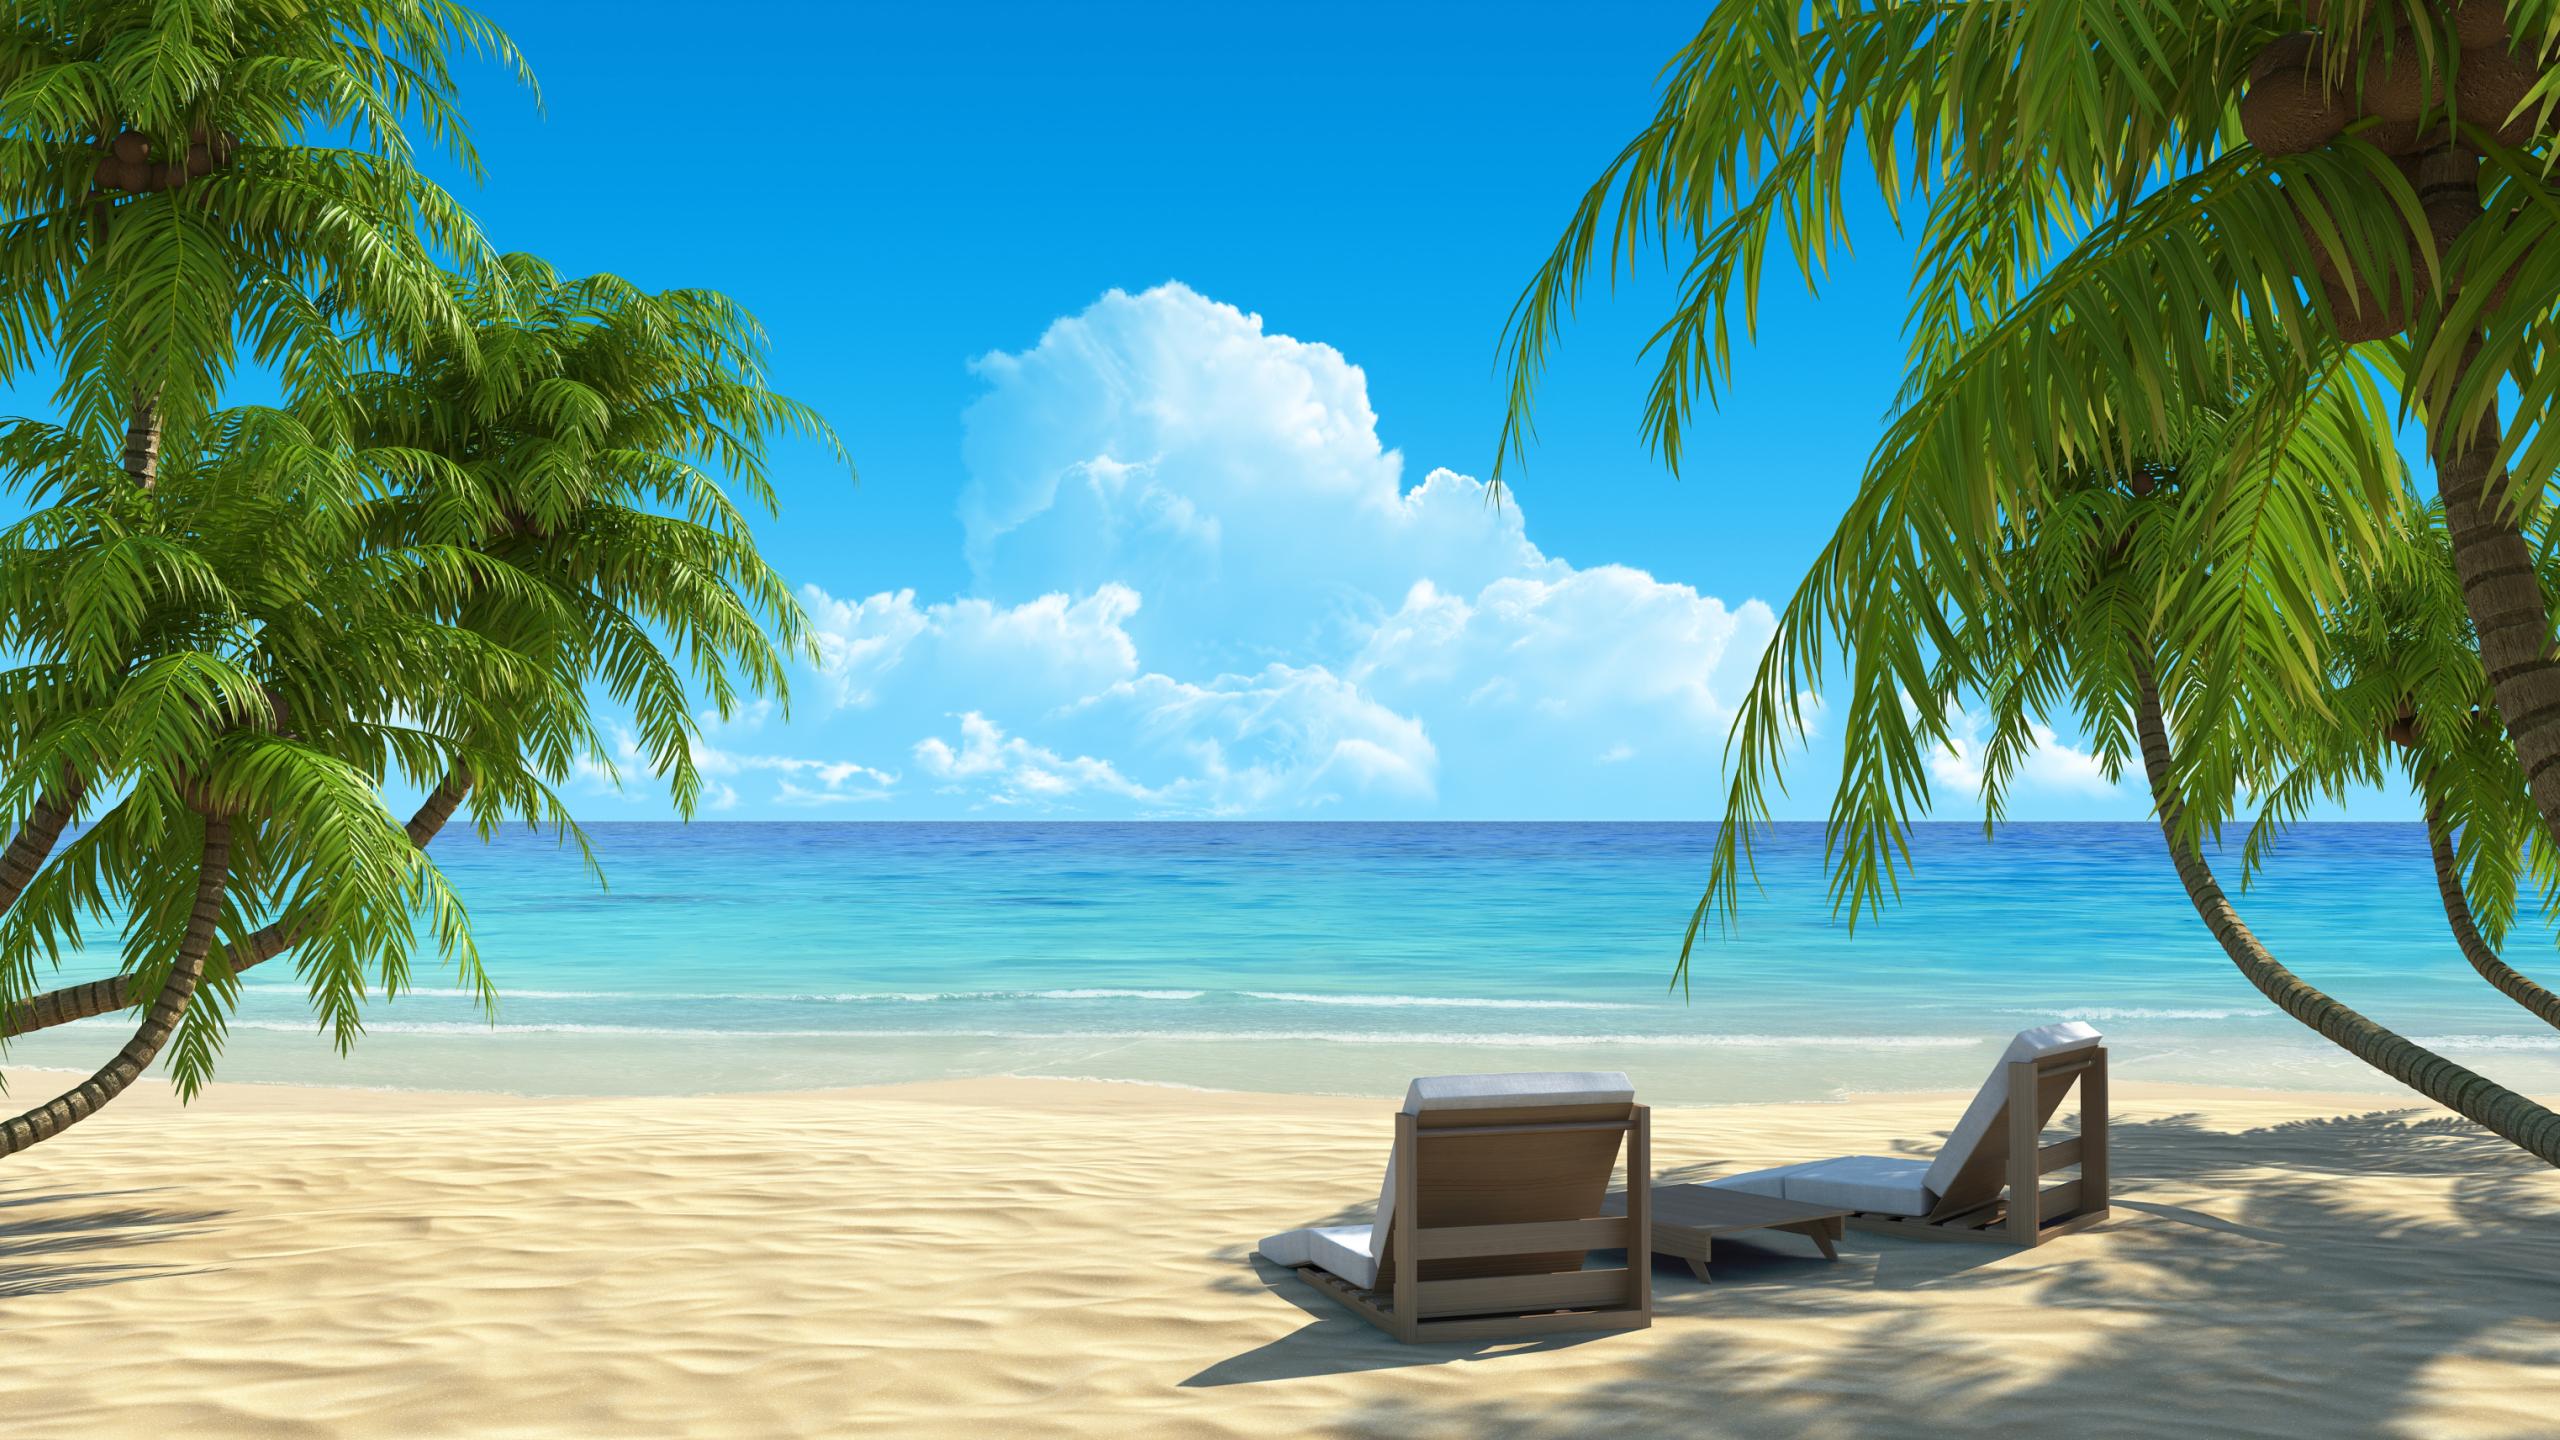 paradise wallpaper hd eVQt 2560x1440